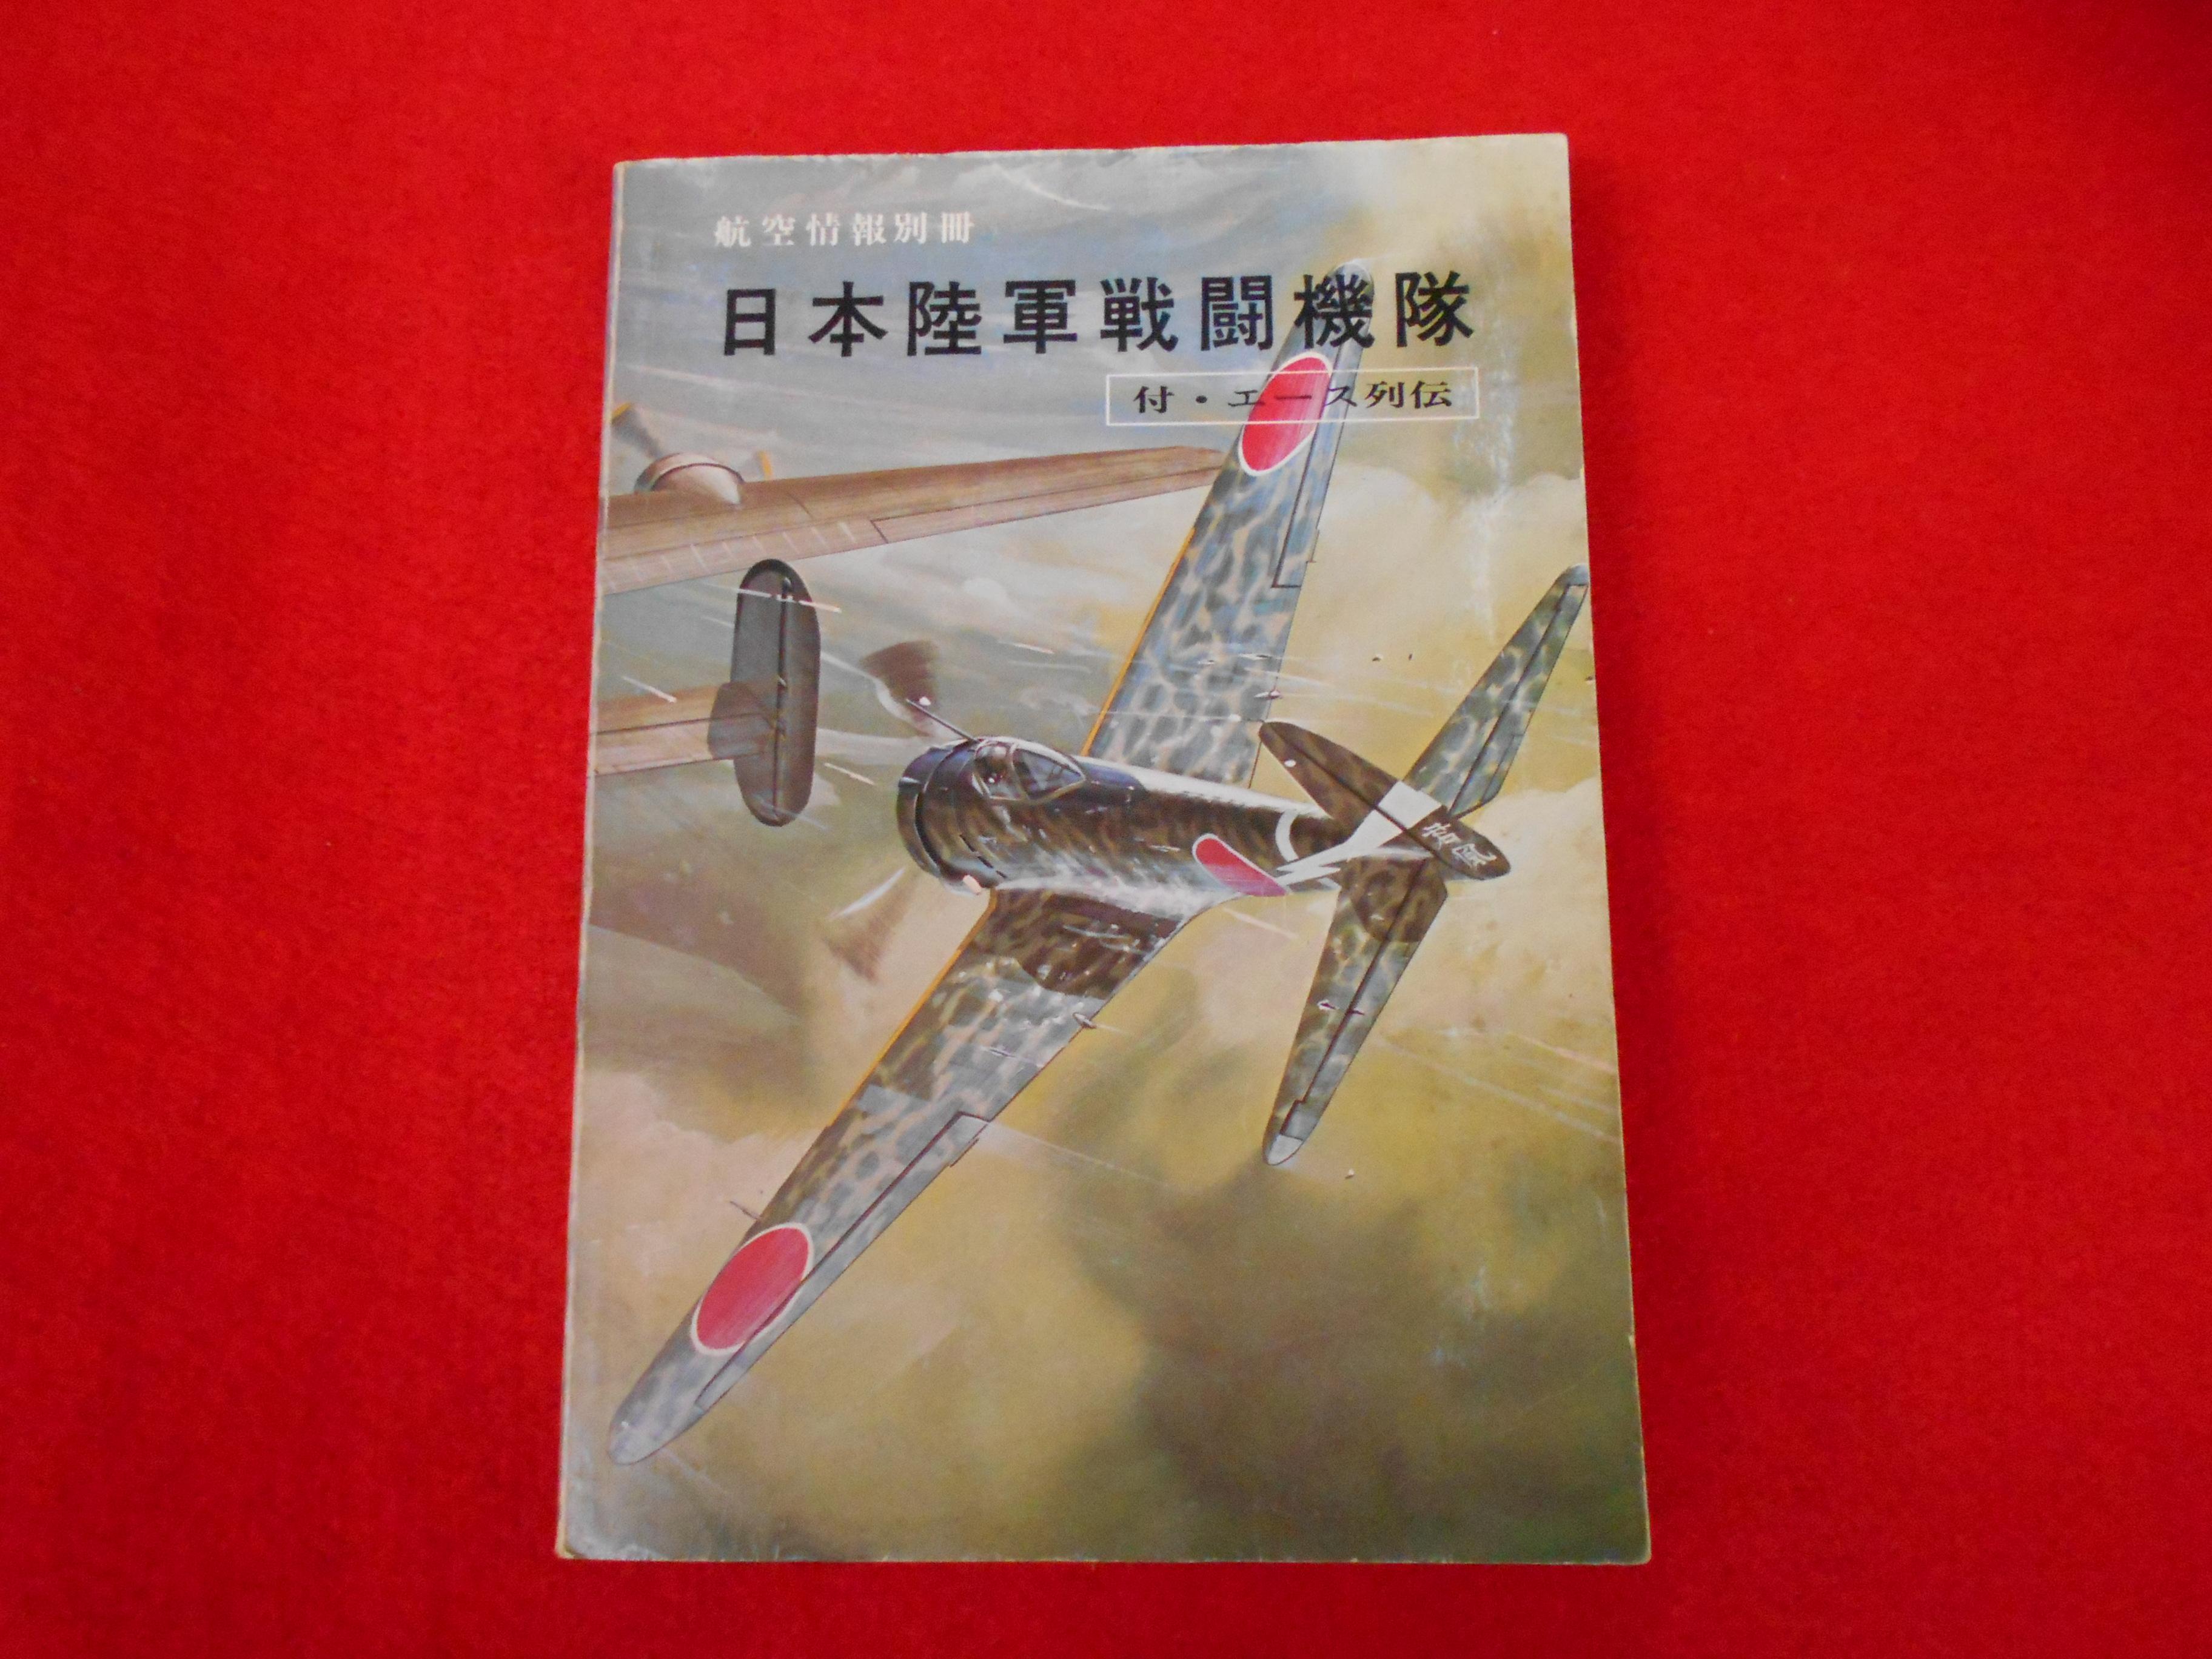 【航空情報別冊 日本陸軍戦闘機隊】入荷しましたの画像